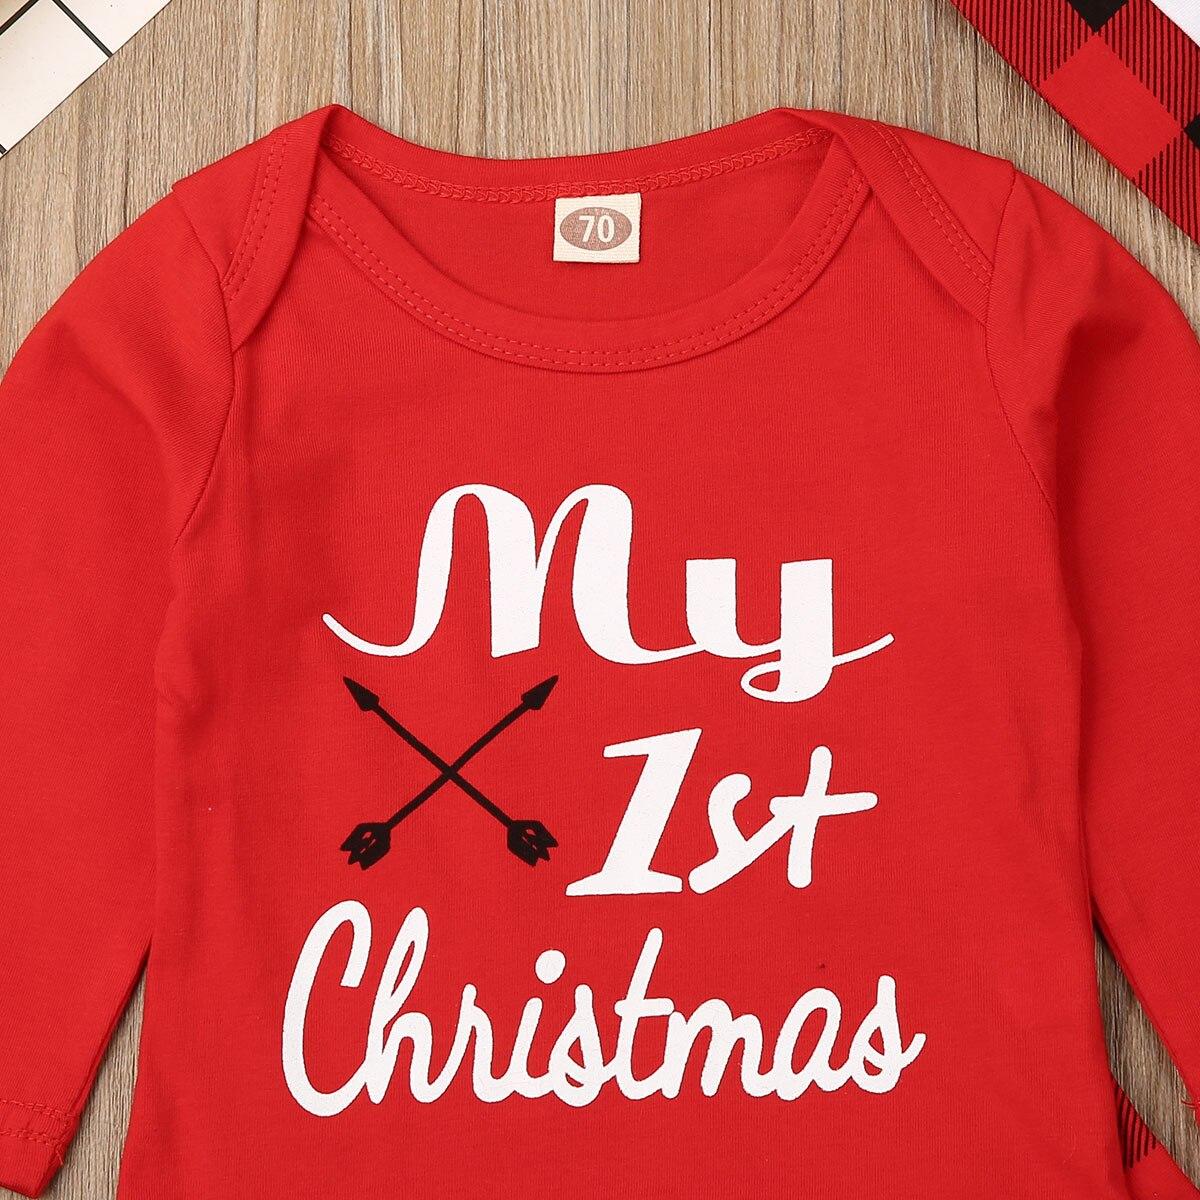 Милый детский Ромпер брюки с надписью «My First Christmas» для маленьких мальчиков и девочек шляпа Рождественский комплект осенняя одежда